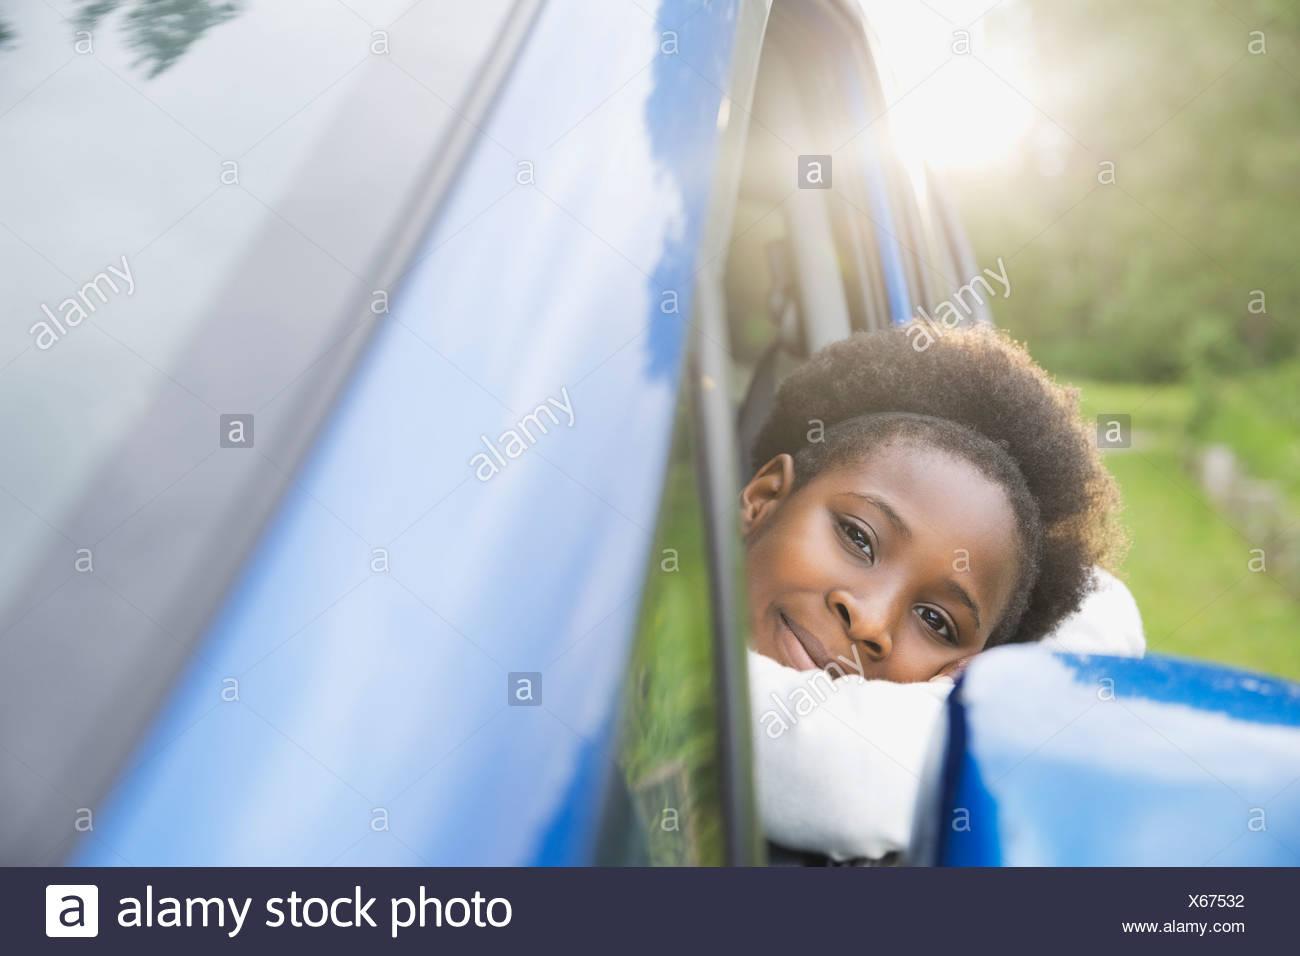 Porträt eines Mädchens aus dem Autofenster Stockbild